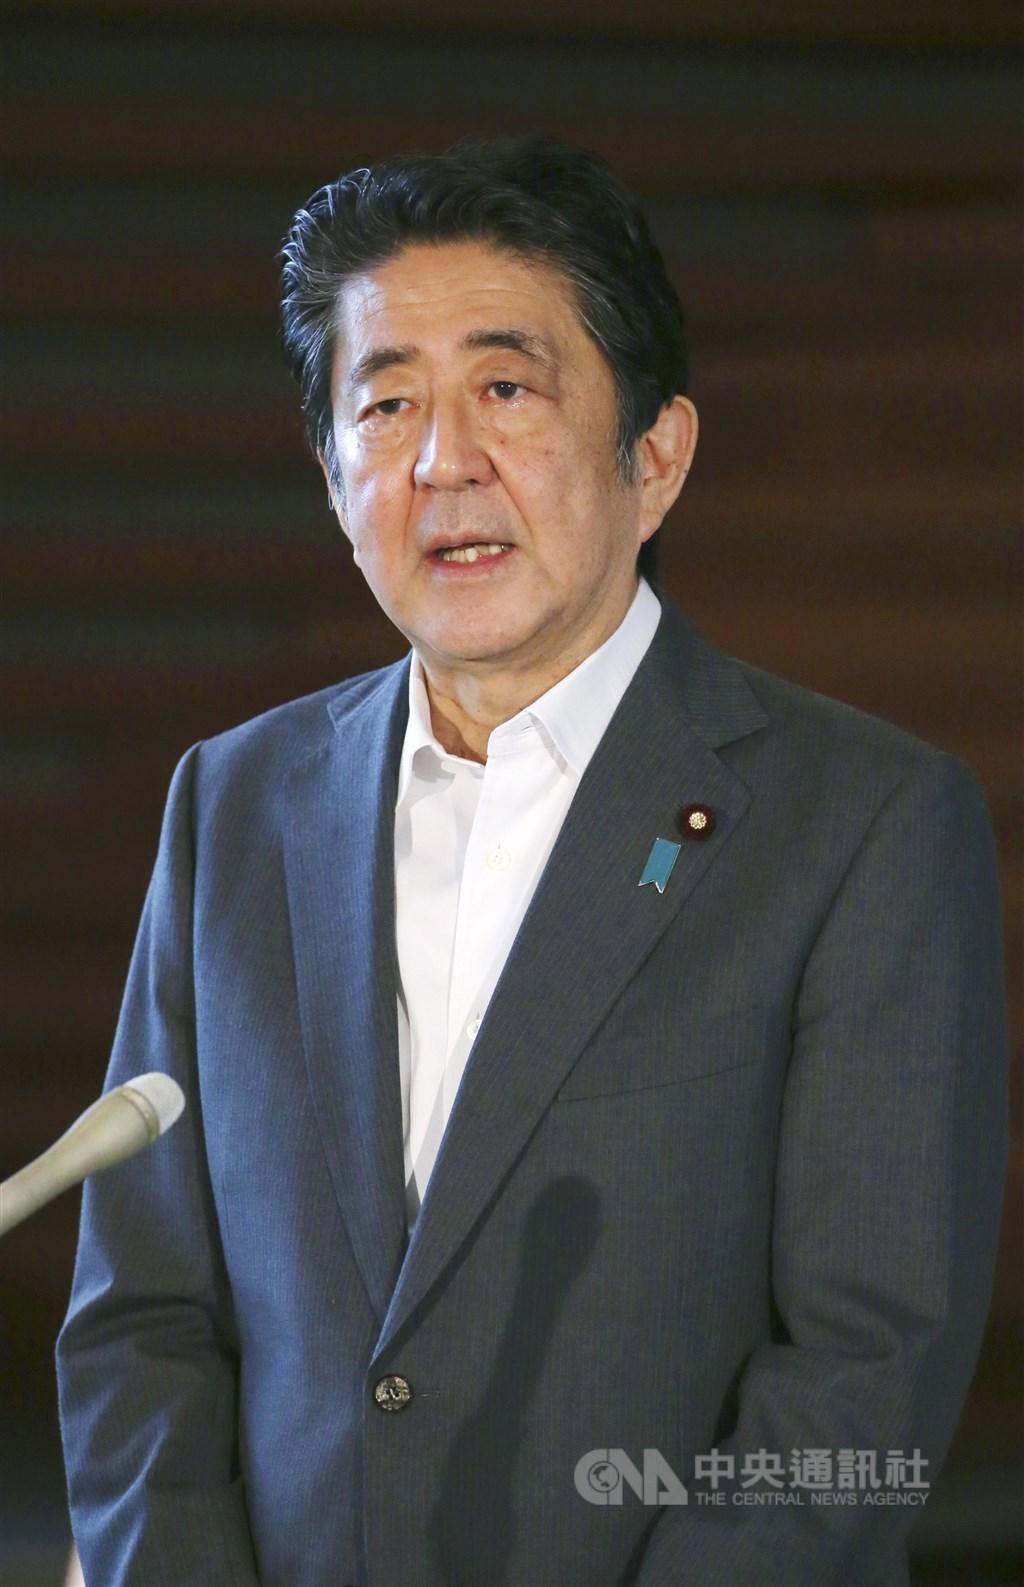 日本首相安倍晉三31日在首相官邸對媒體表示,對於前總統李登輝的辭世感到痛惜。(共同社)